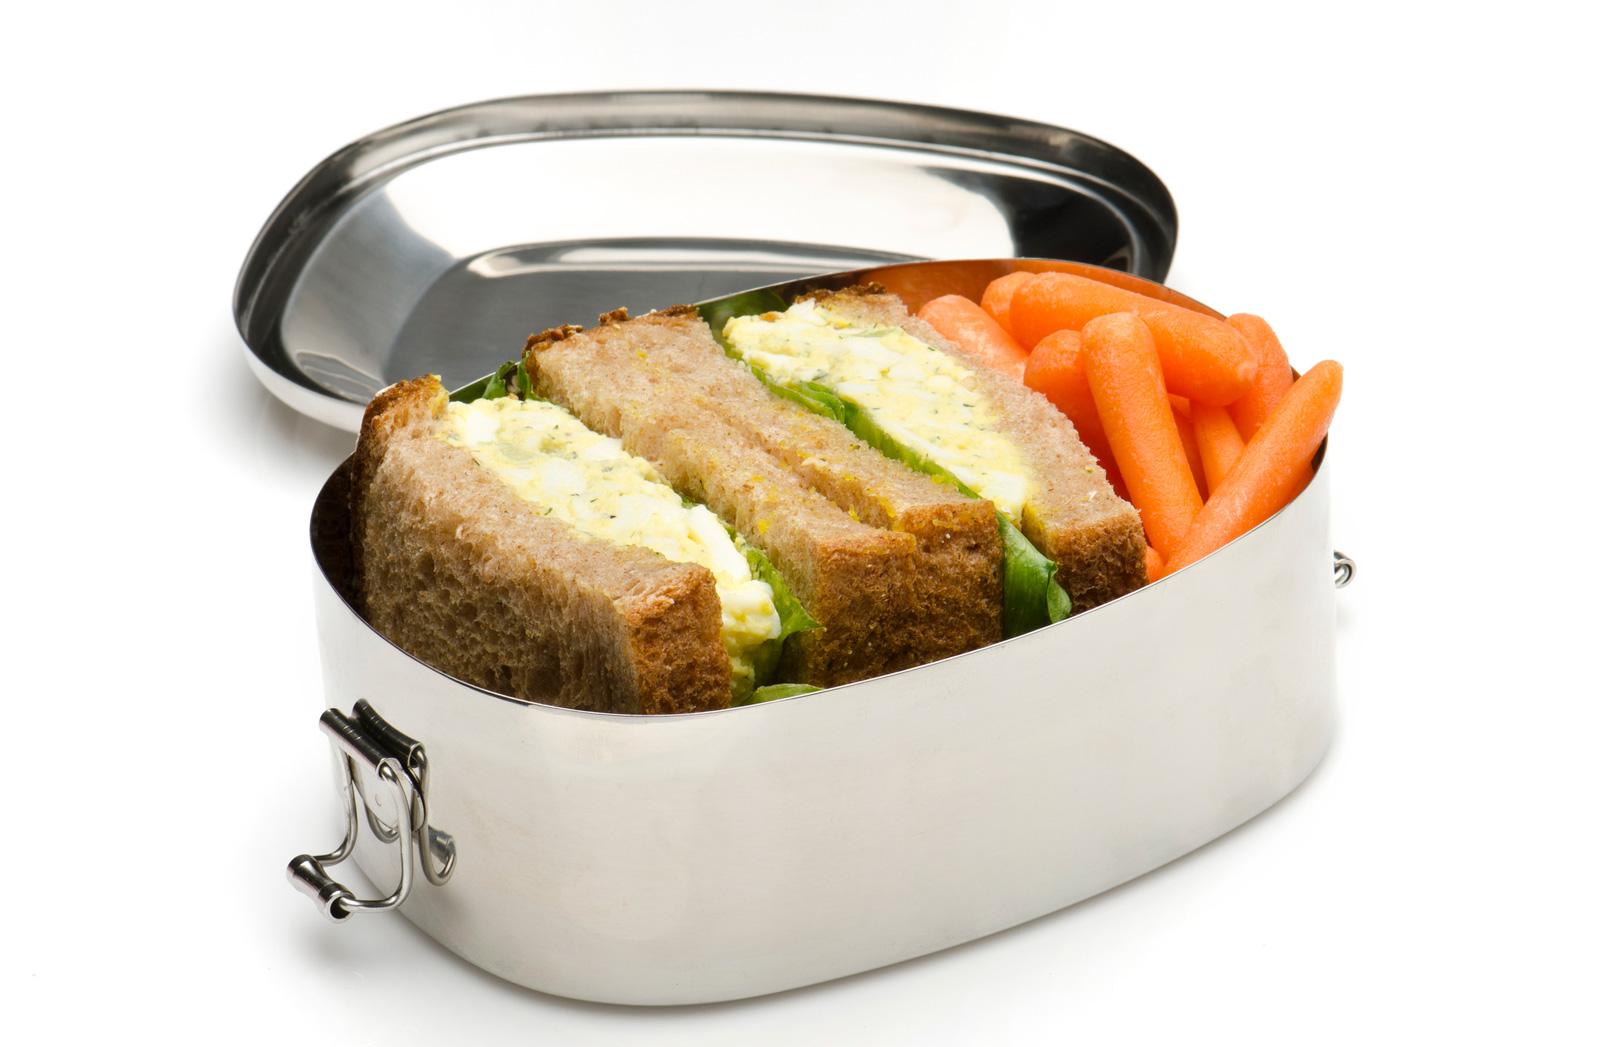 Brotdose aus Edelstahl